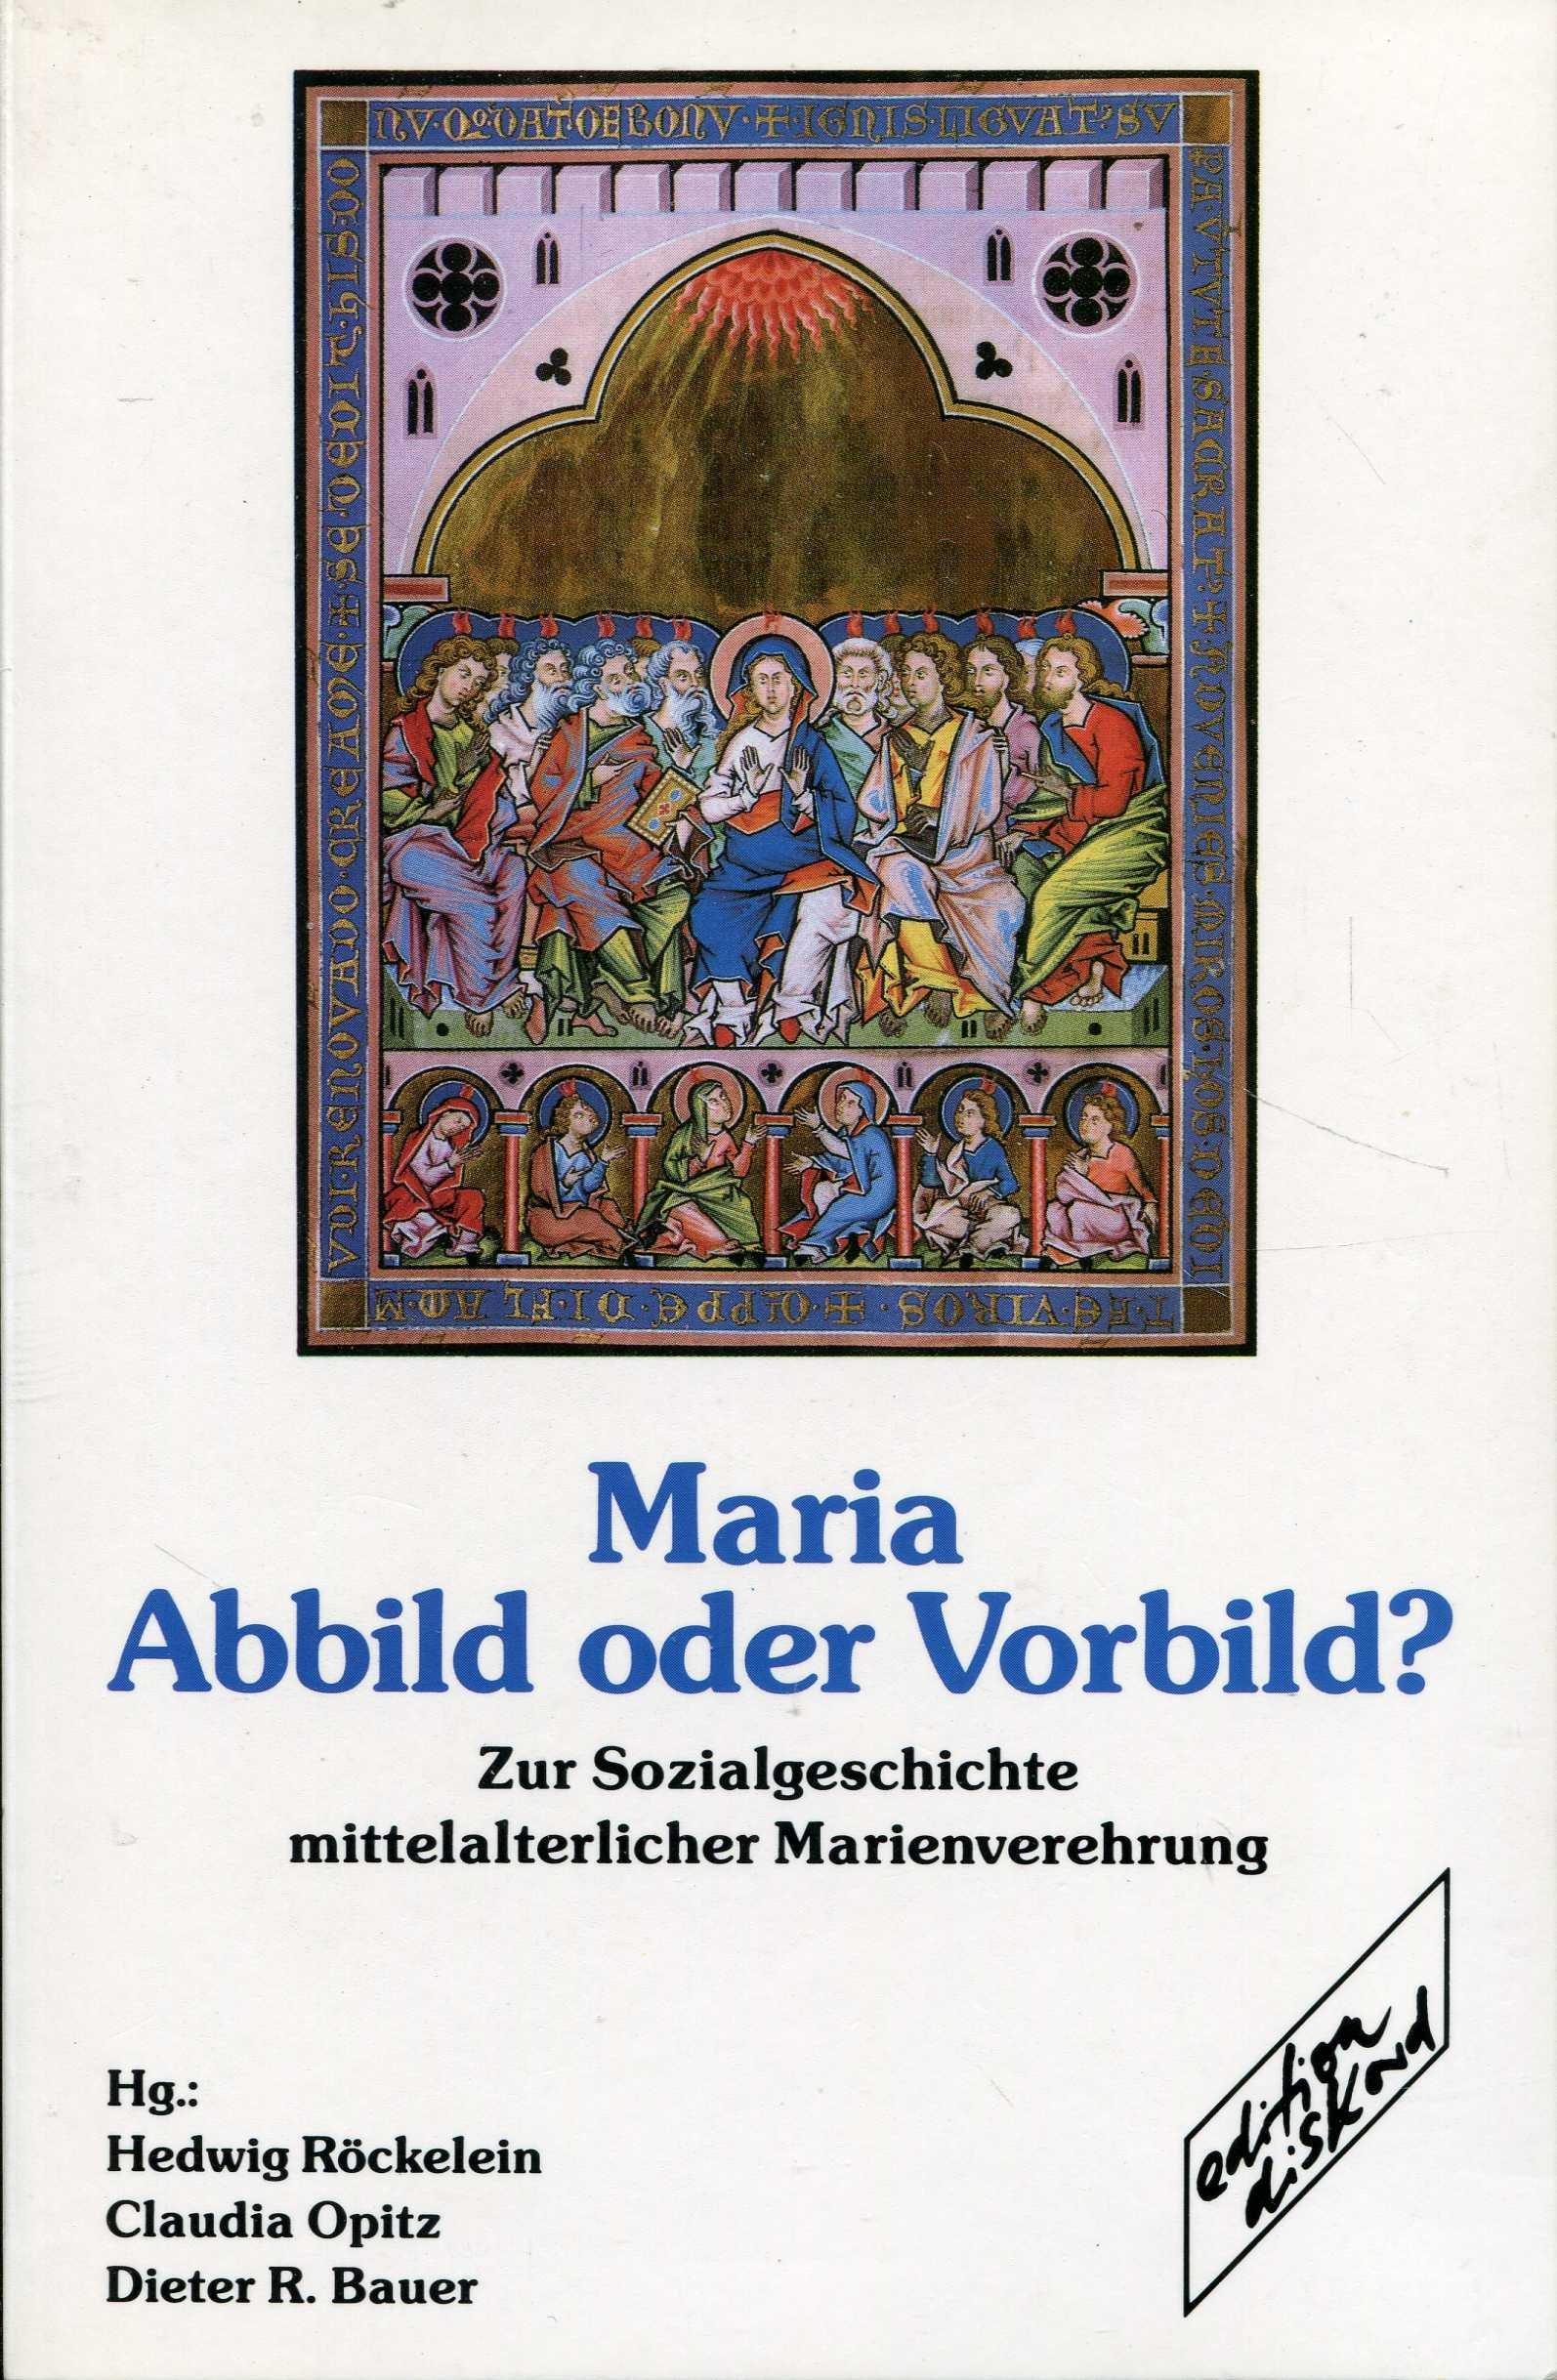 Maria, Abbild oder Vorbild?: Zur Sozialgeschichte mittelalterlicher Marienverehrung Hedwig Röckelein